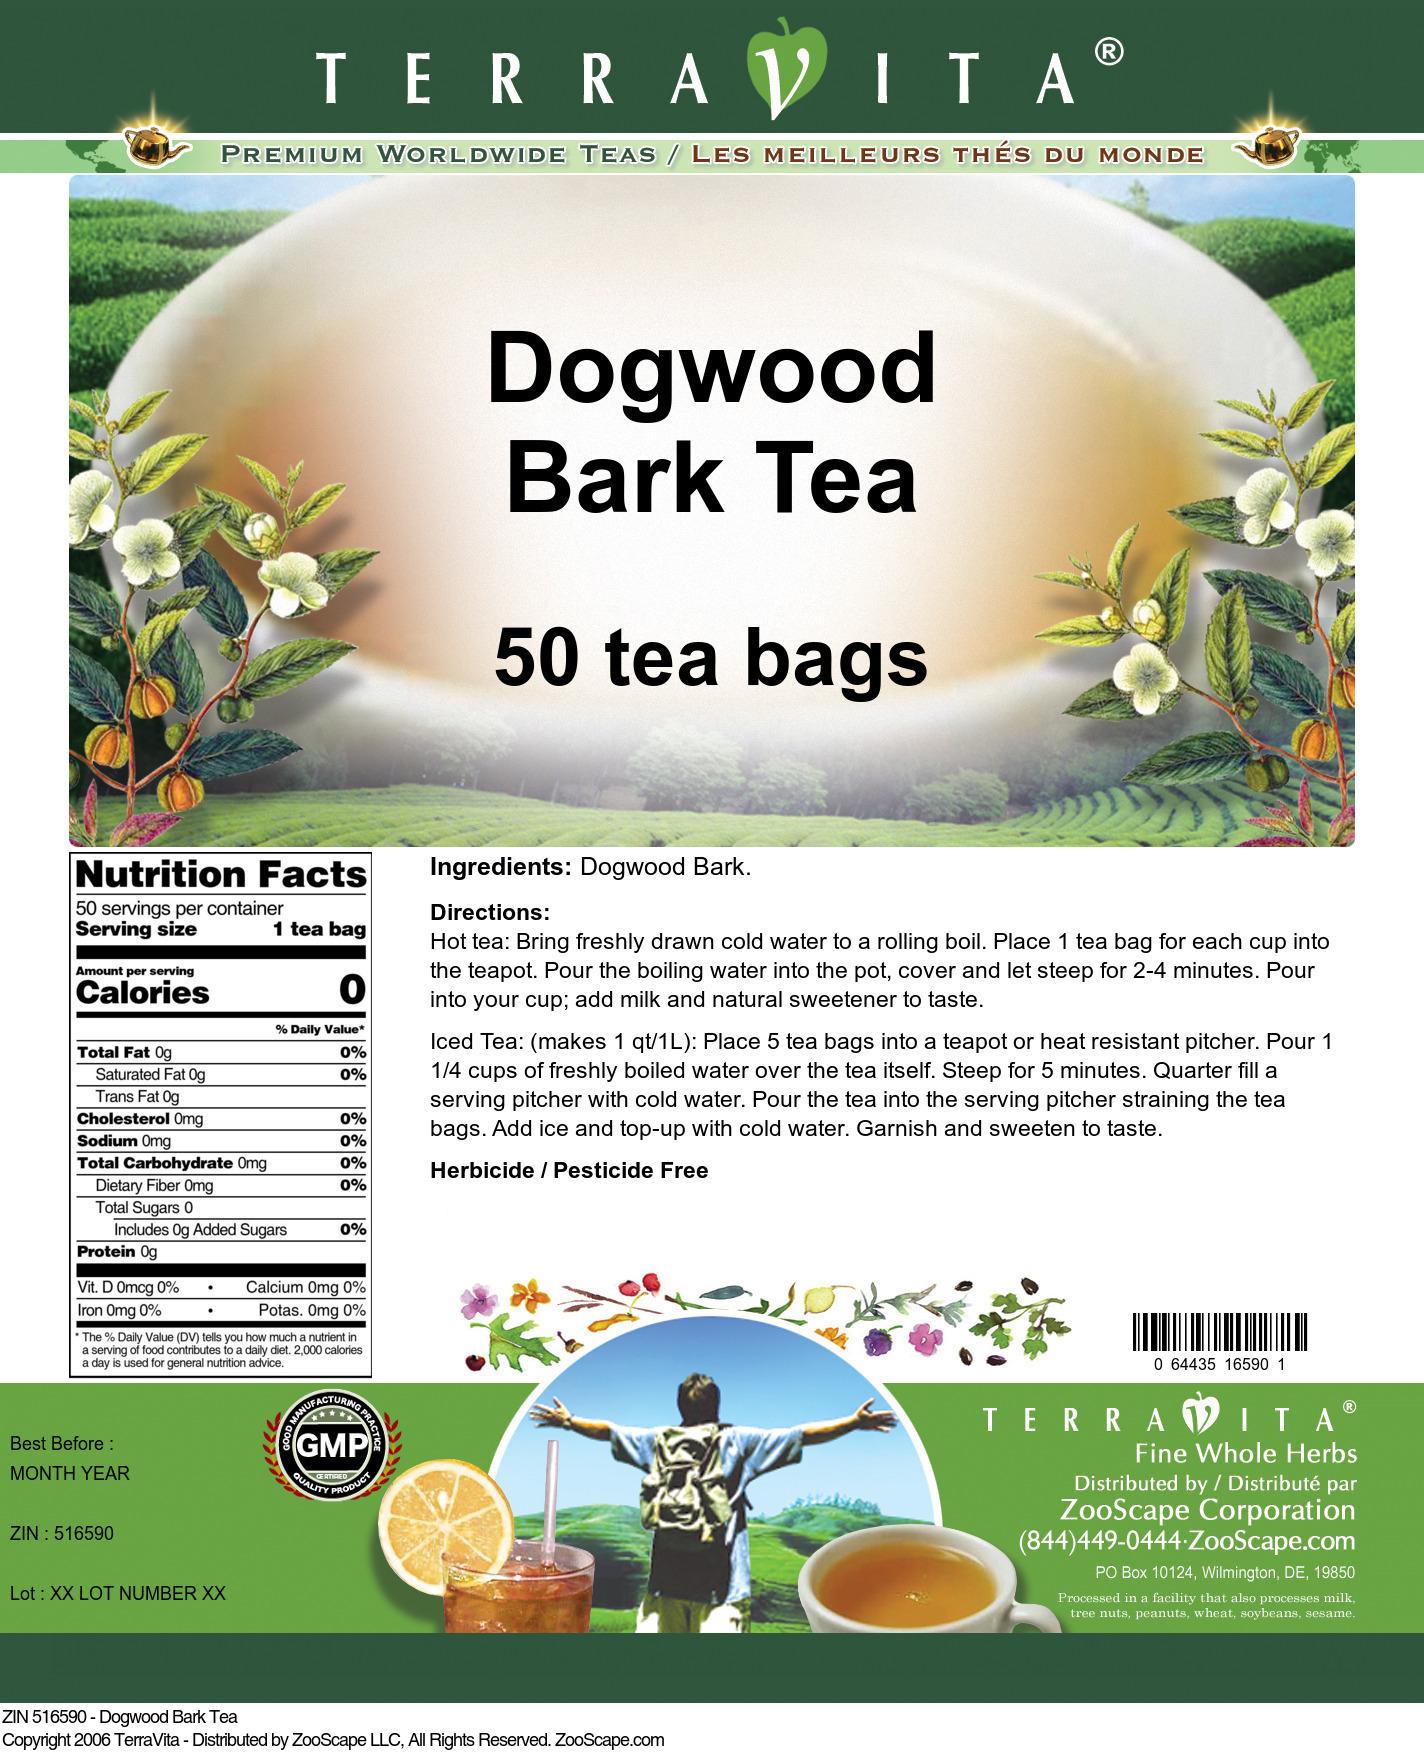 Dogwood Bark Tea